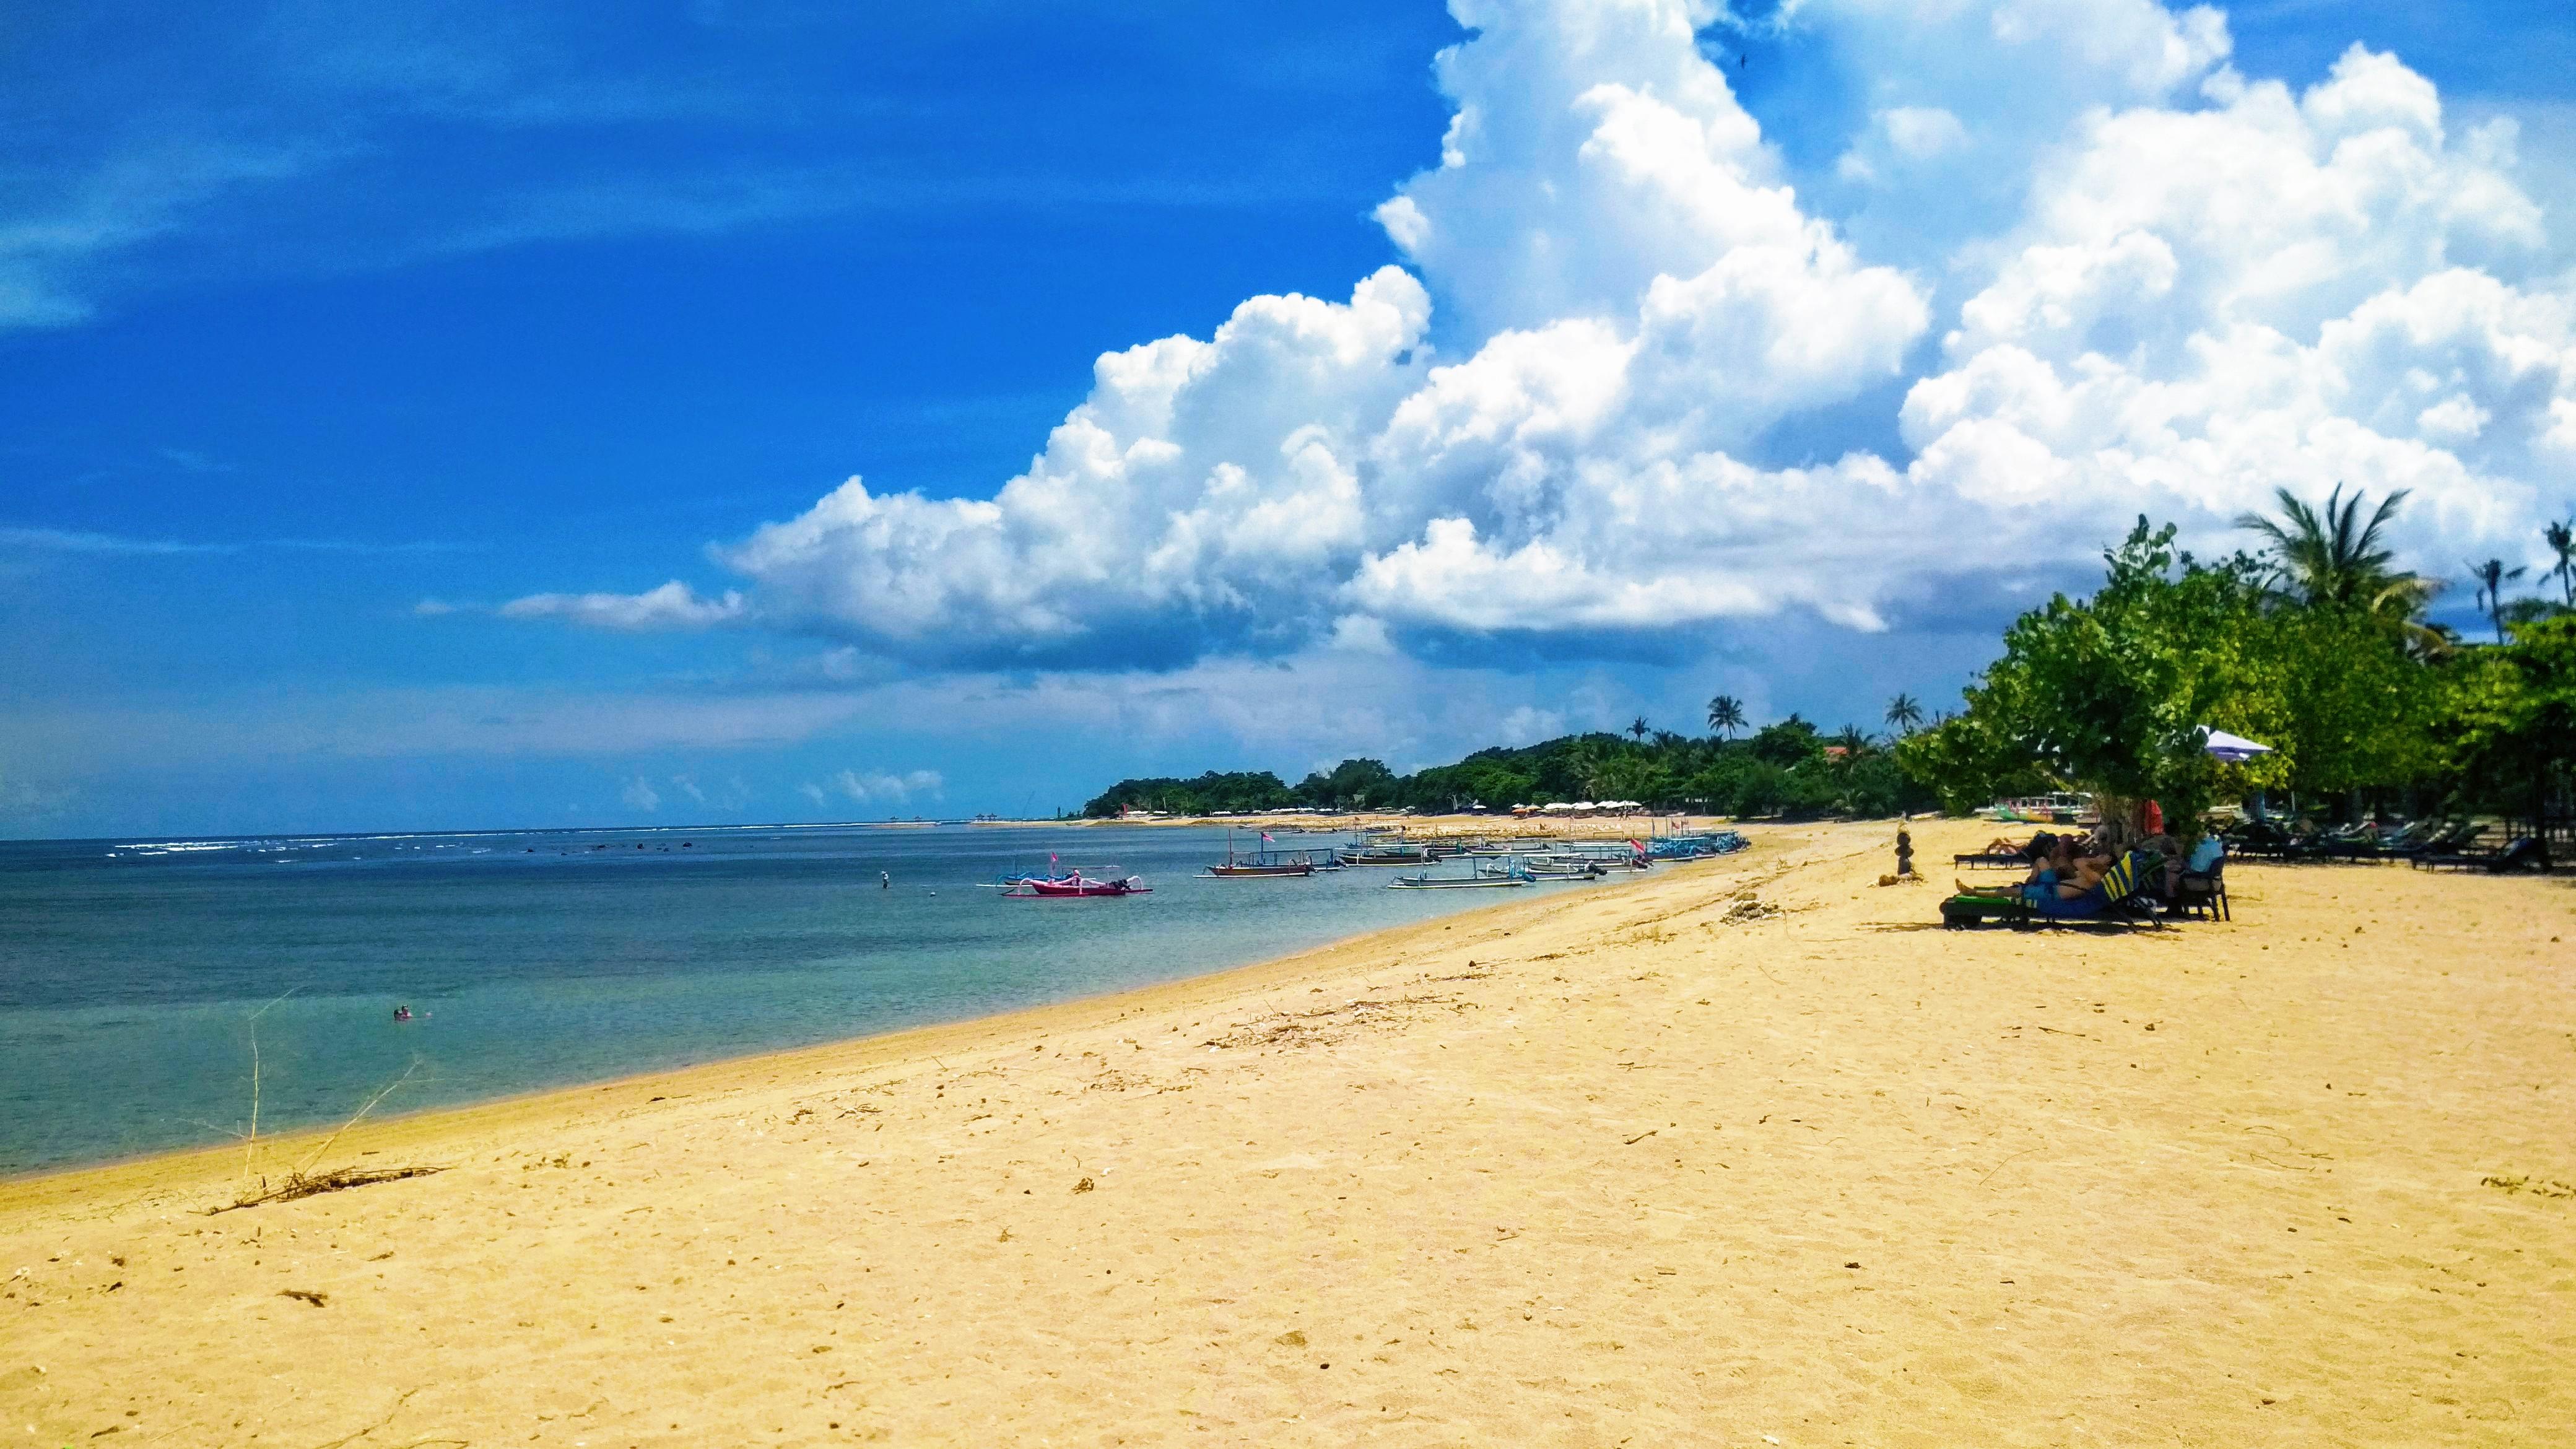 Sanur je klidná destinace s příjemnými plážemi © Filip Altman